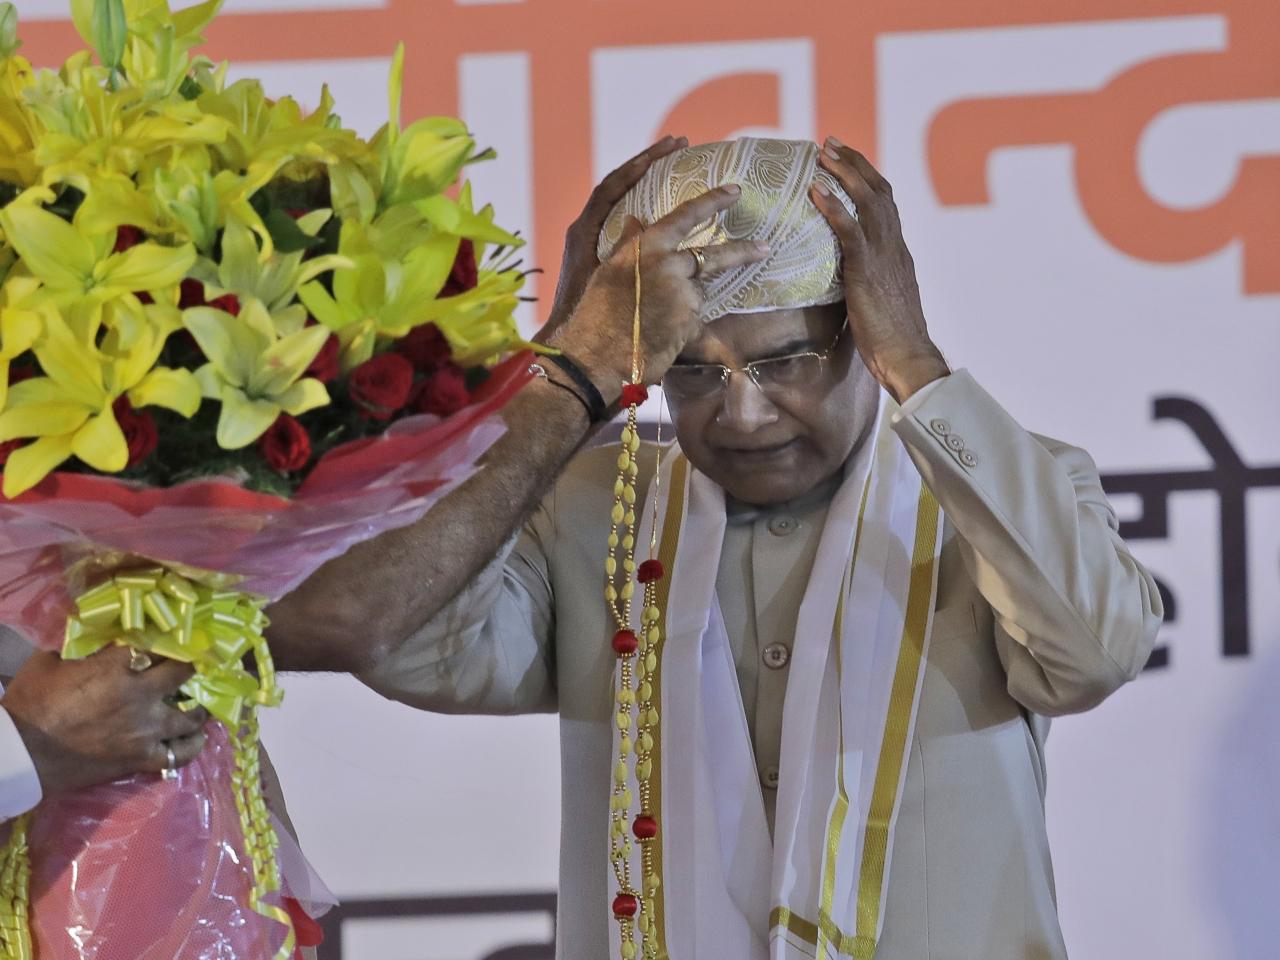 考文德成為印度第二位「賤民階層」出身的總統。(美聯社)